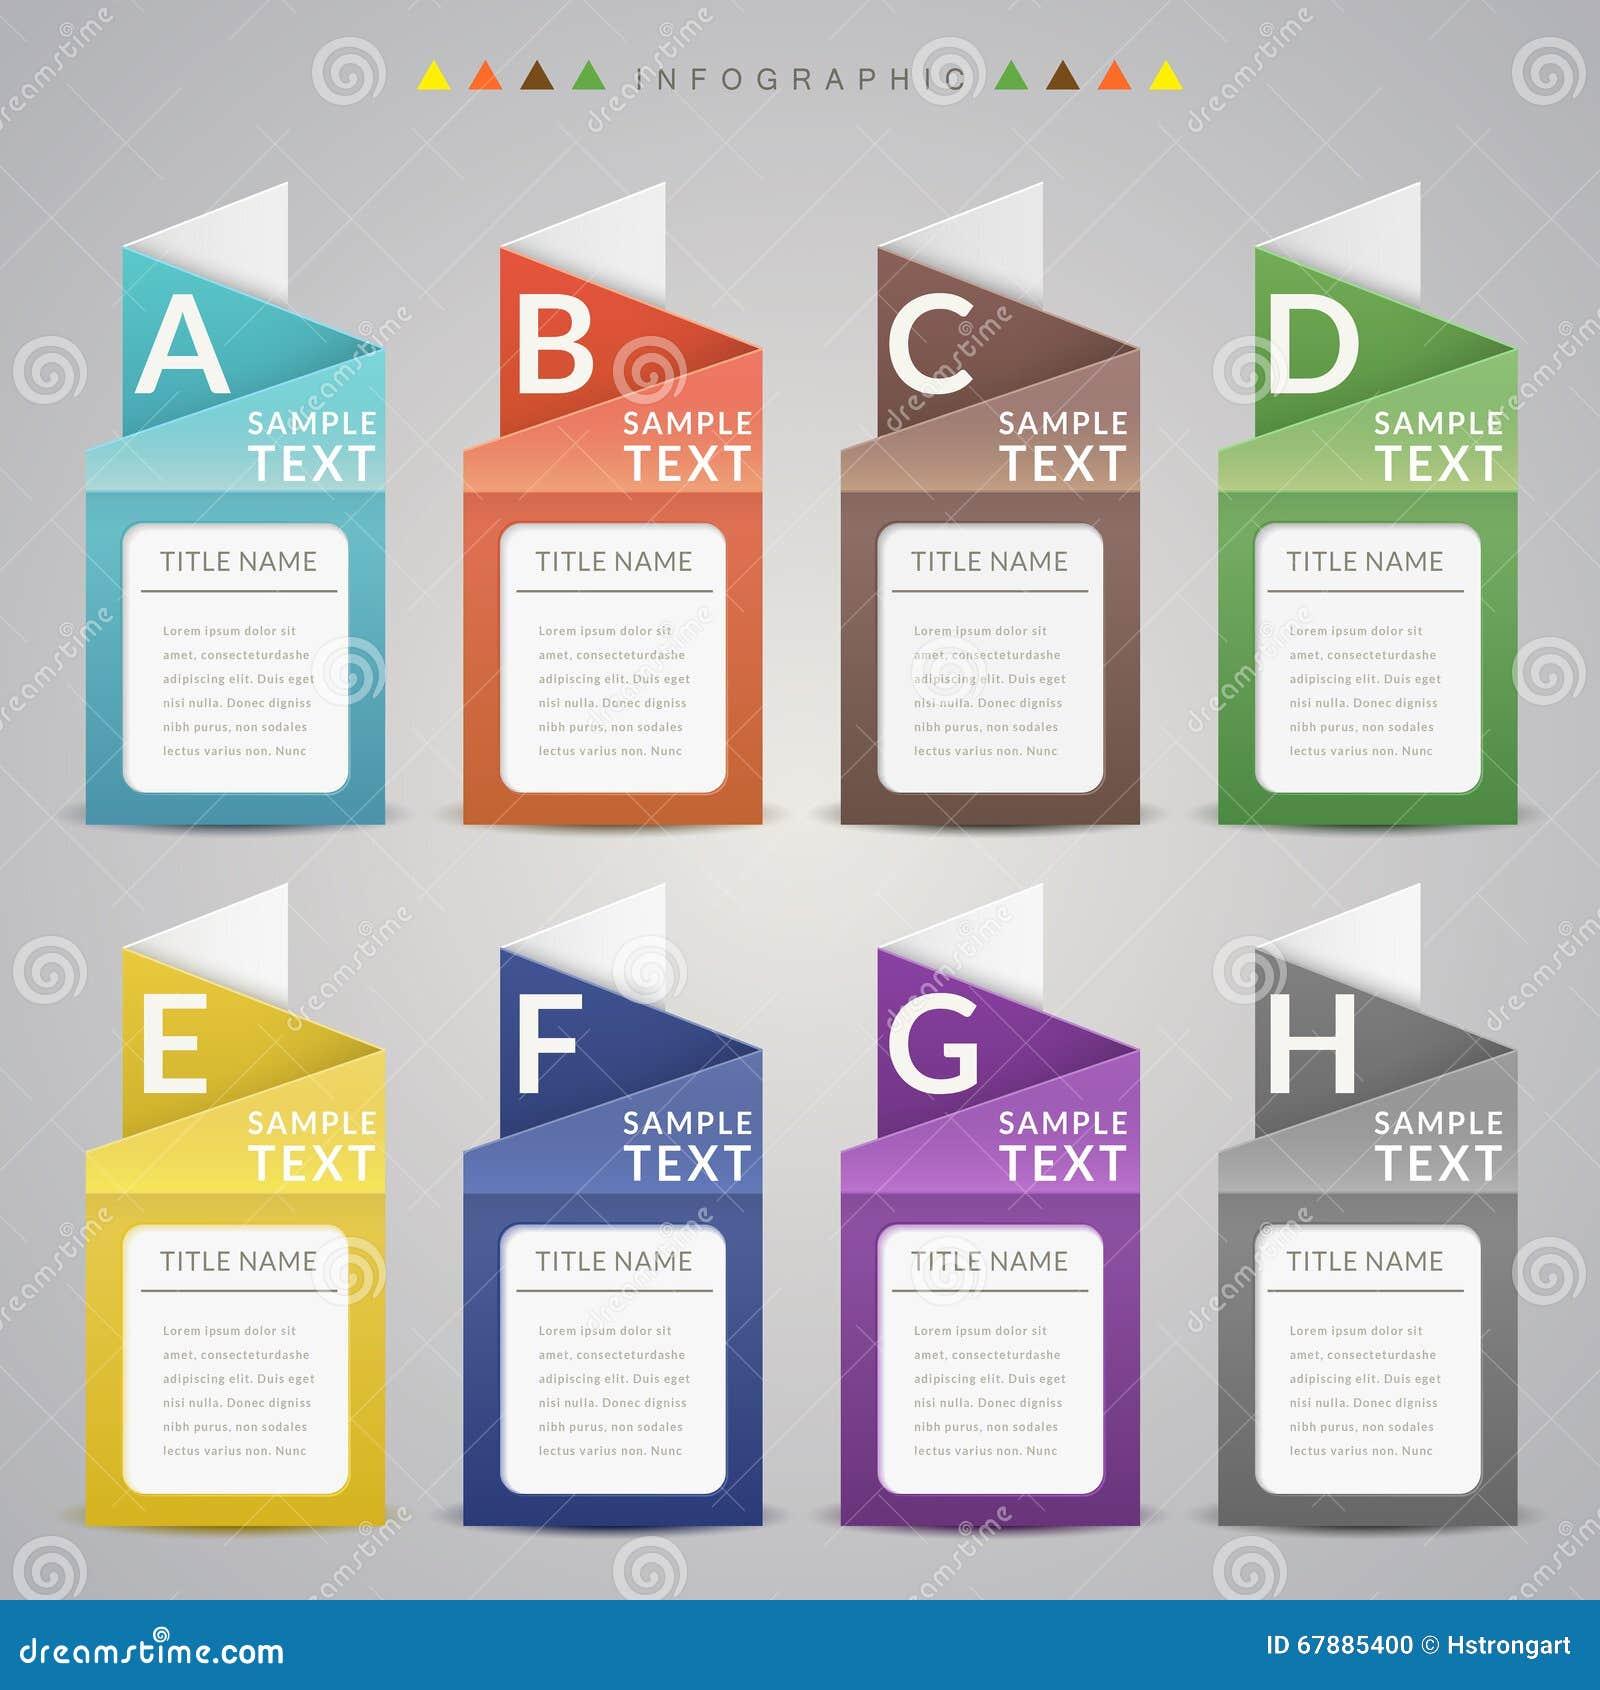 典雅的infographic设计